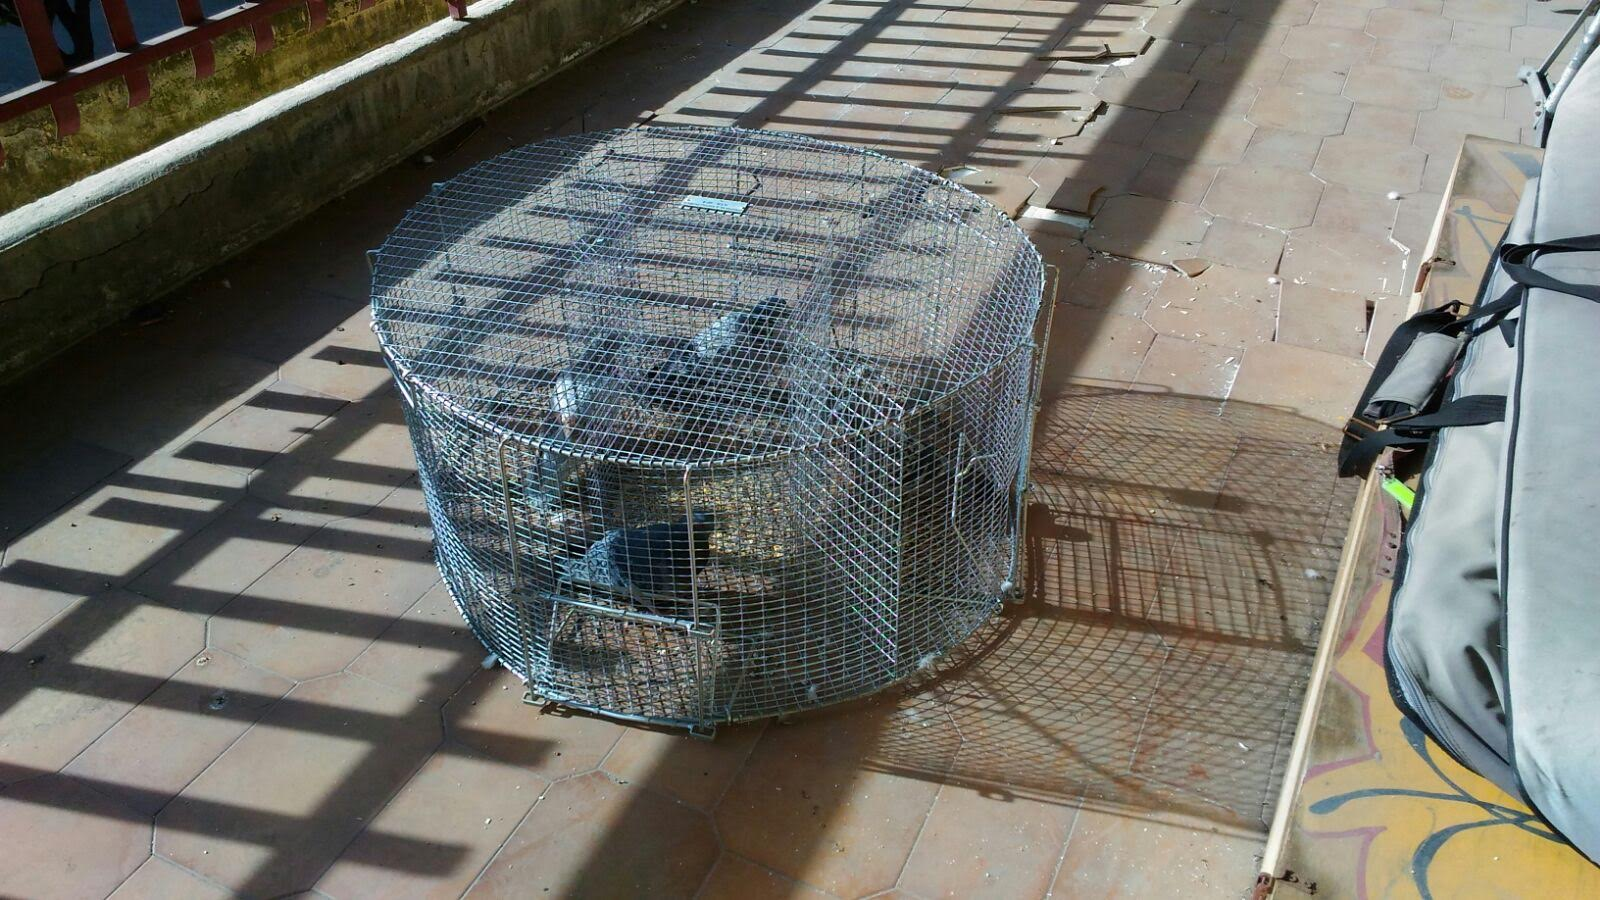 Riviera oggi gabbie mobili per catturare i piccioni